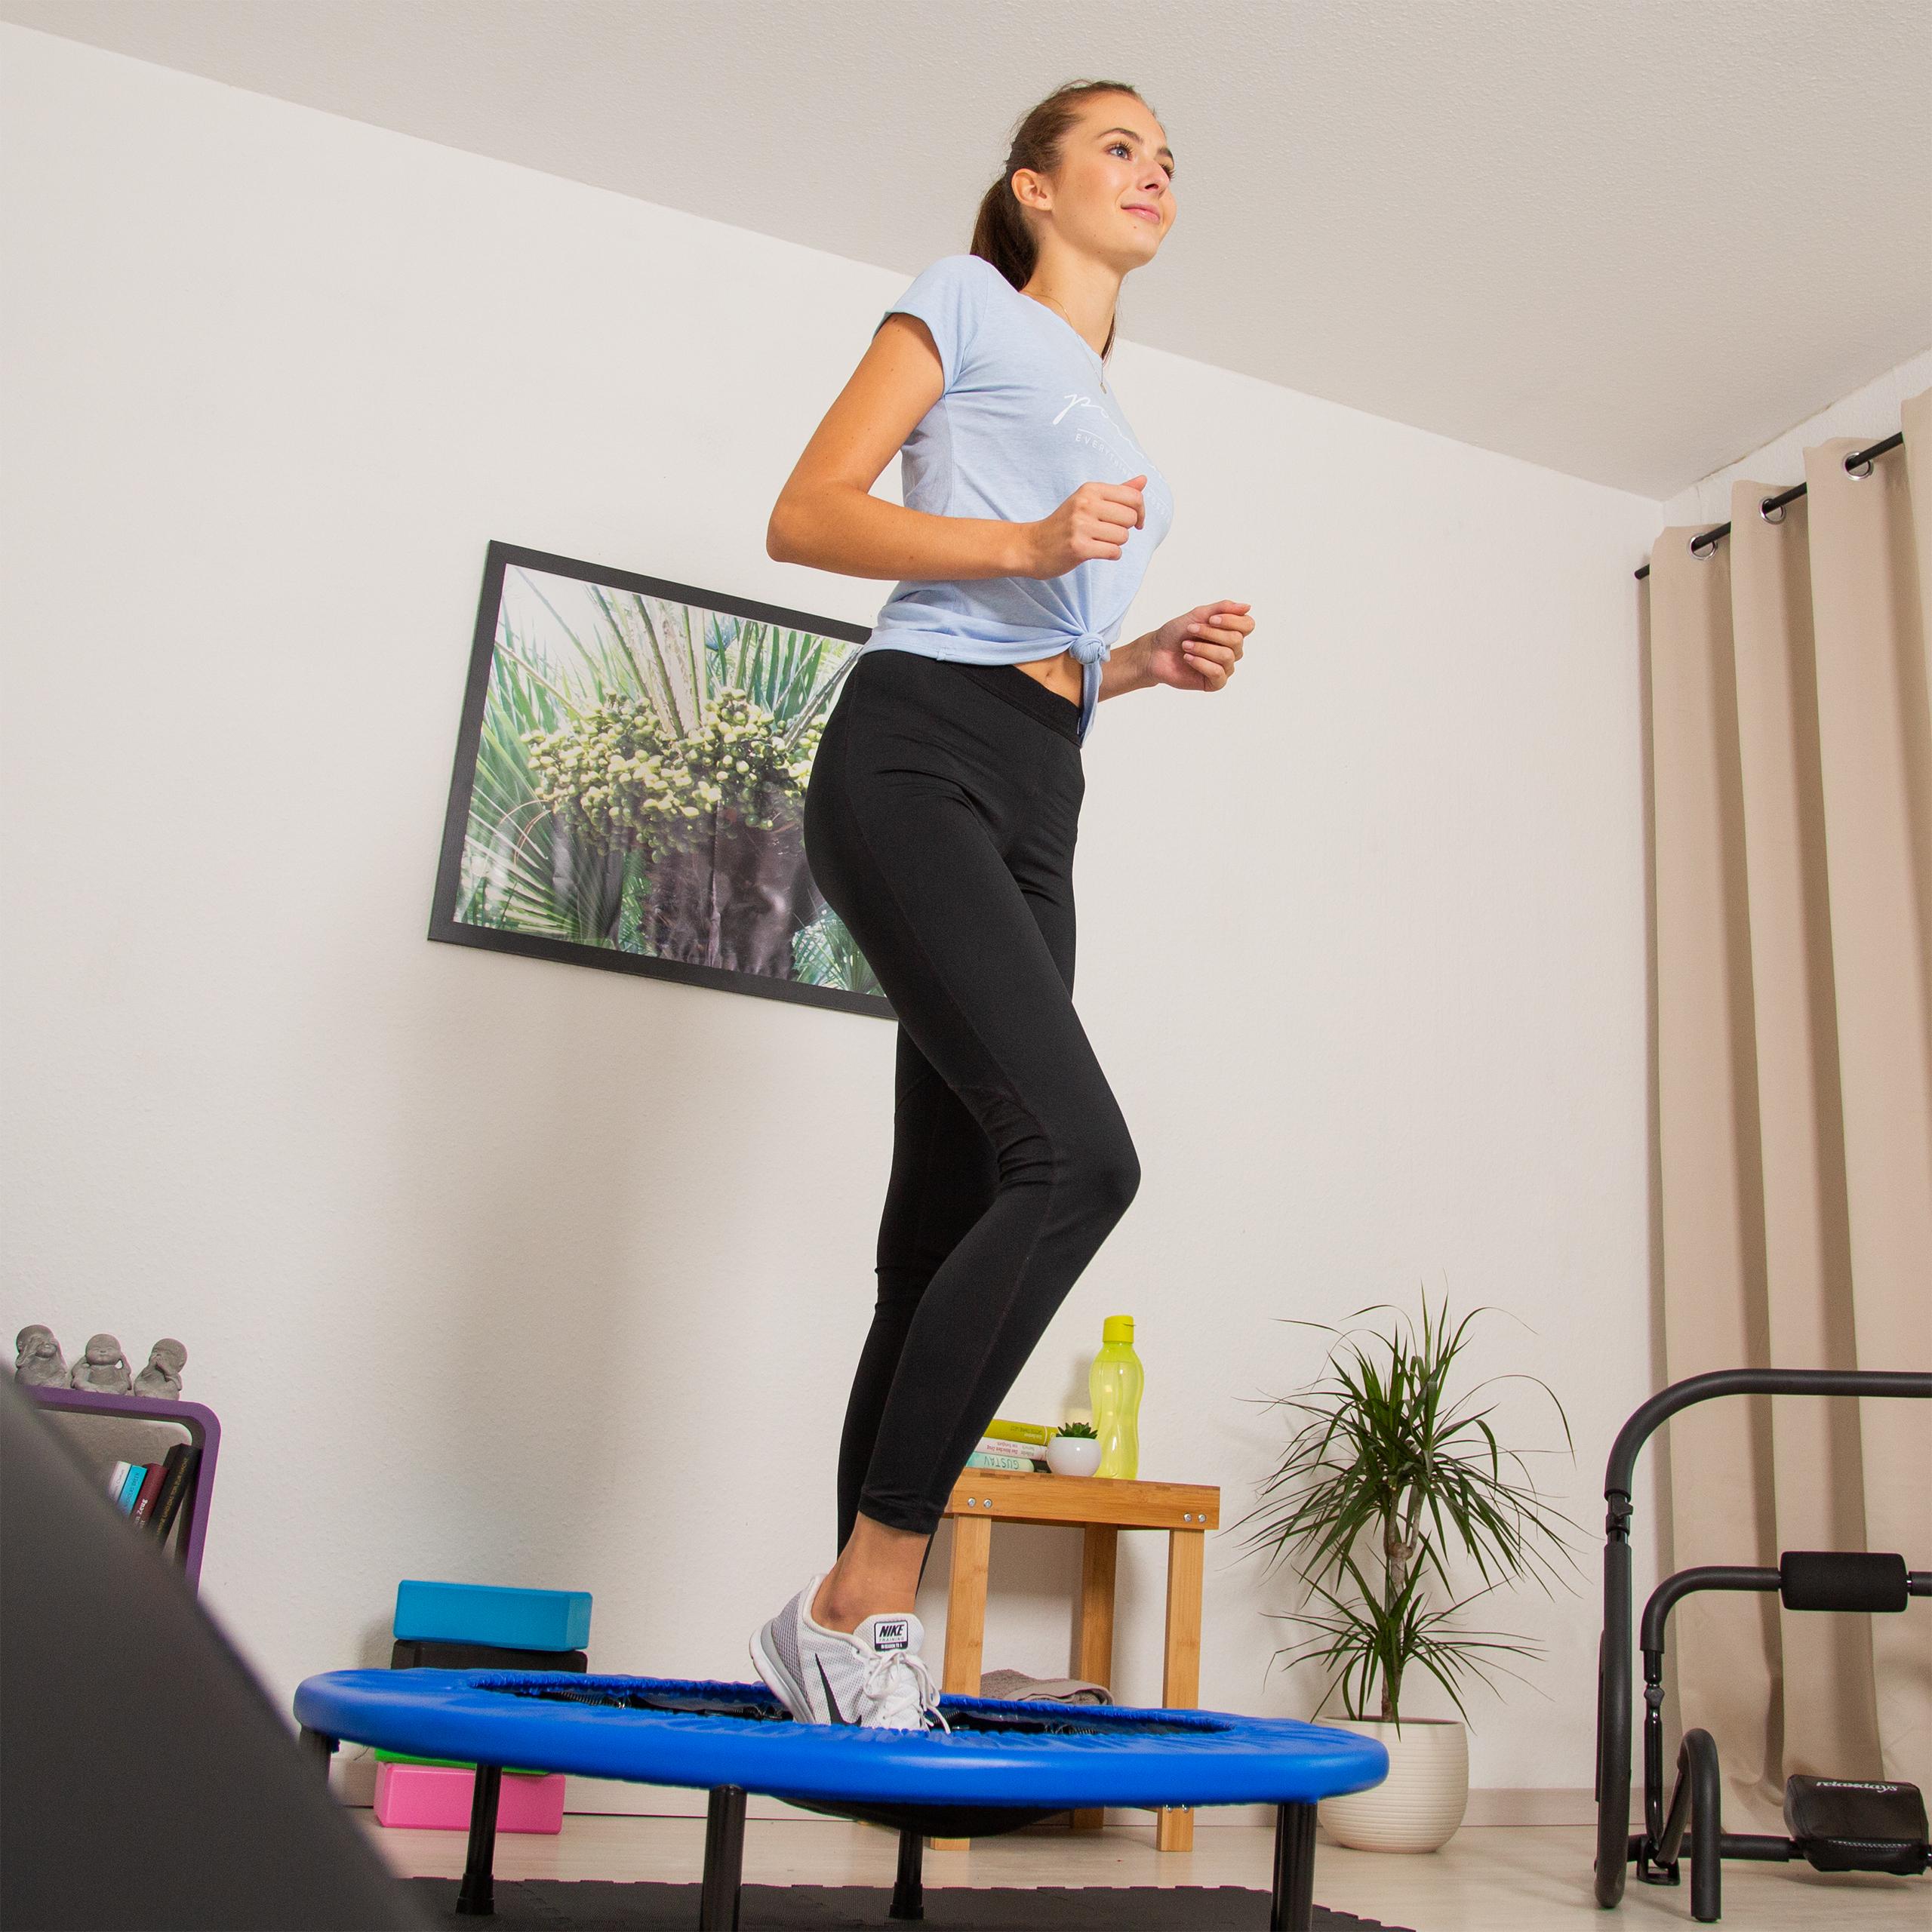 Fitness-Trampolin-Aerobic-Indoor-Fitnesstrampolin-Ausdauer-Training-bis-100-kg Indexbild 8